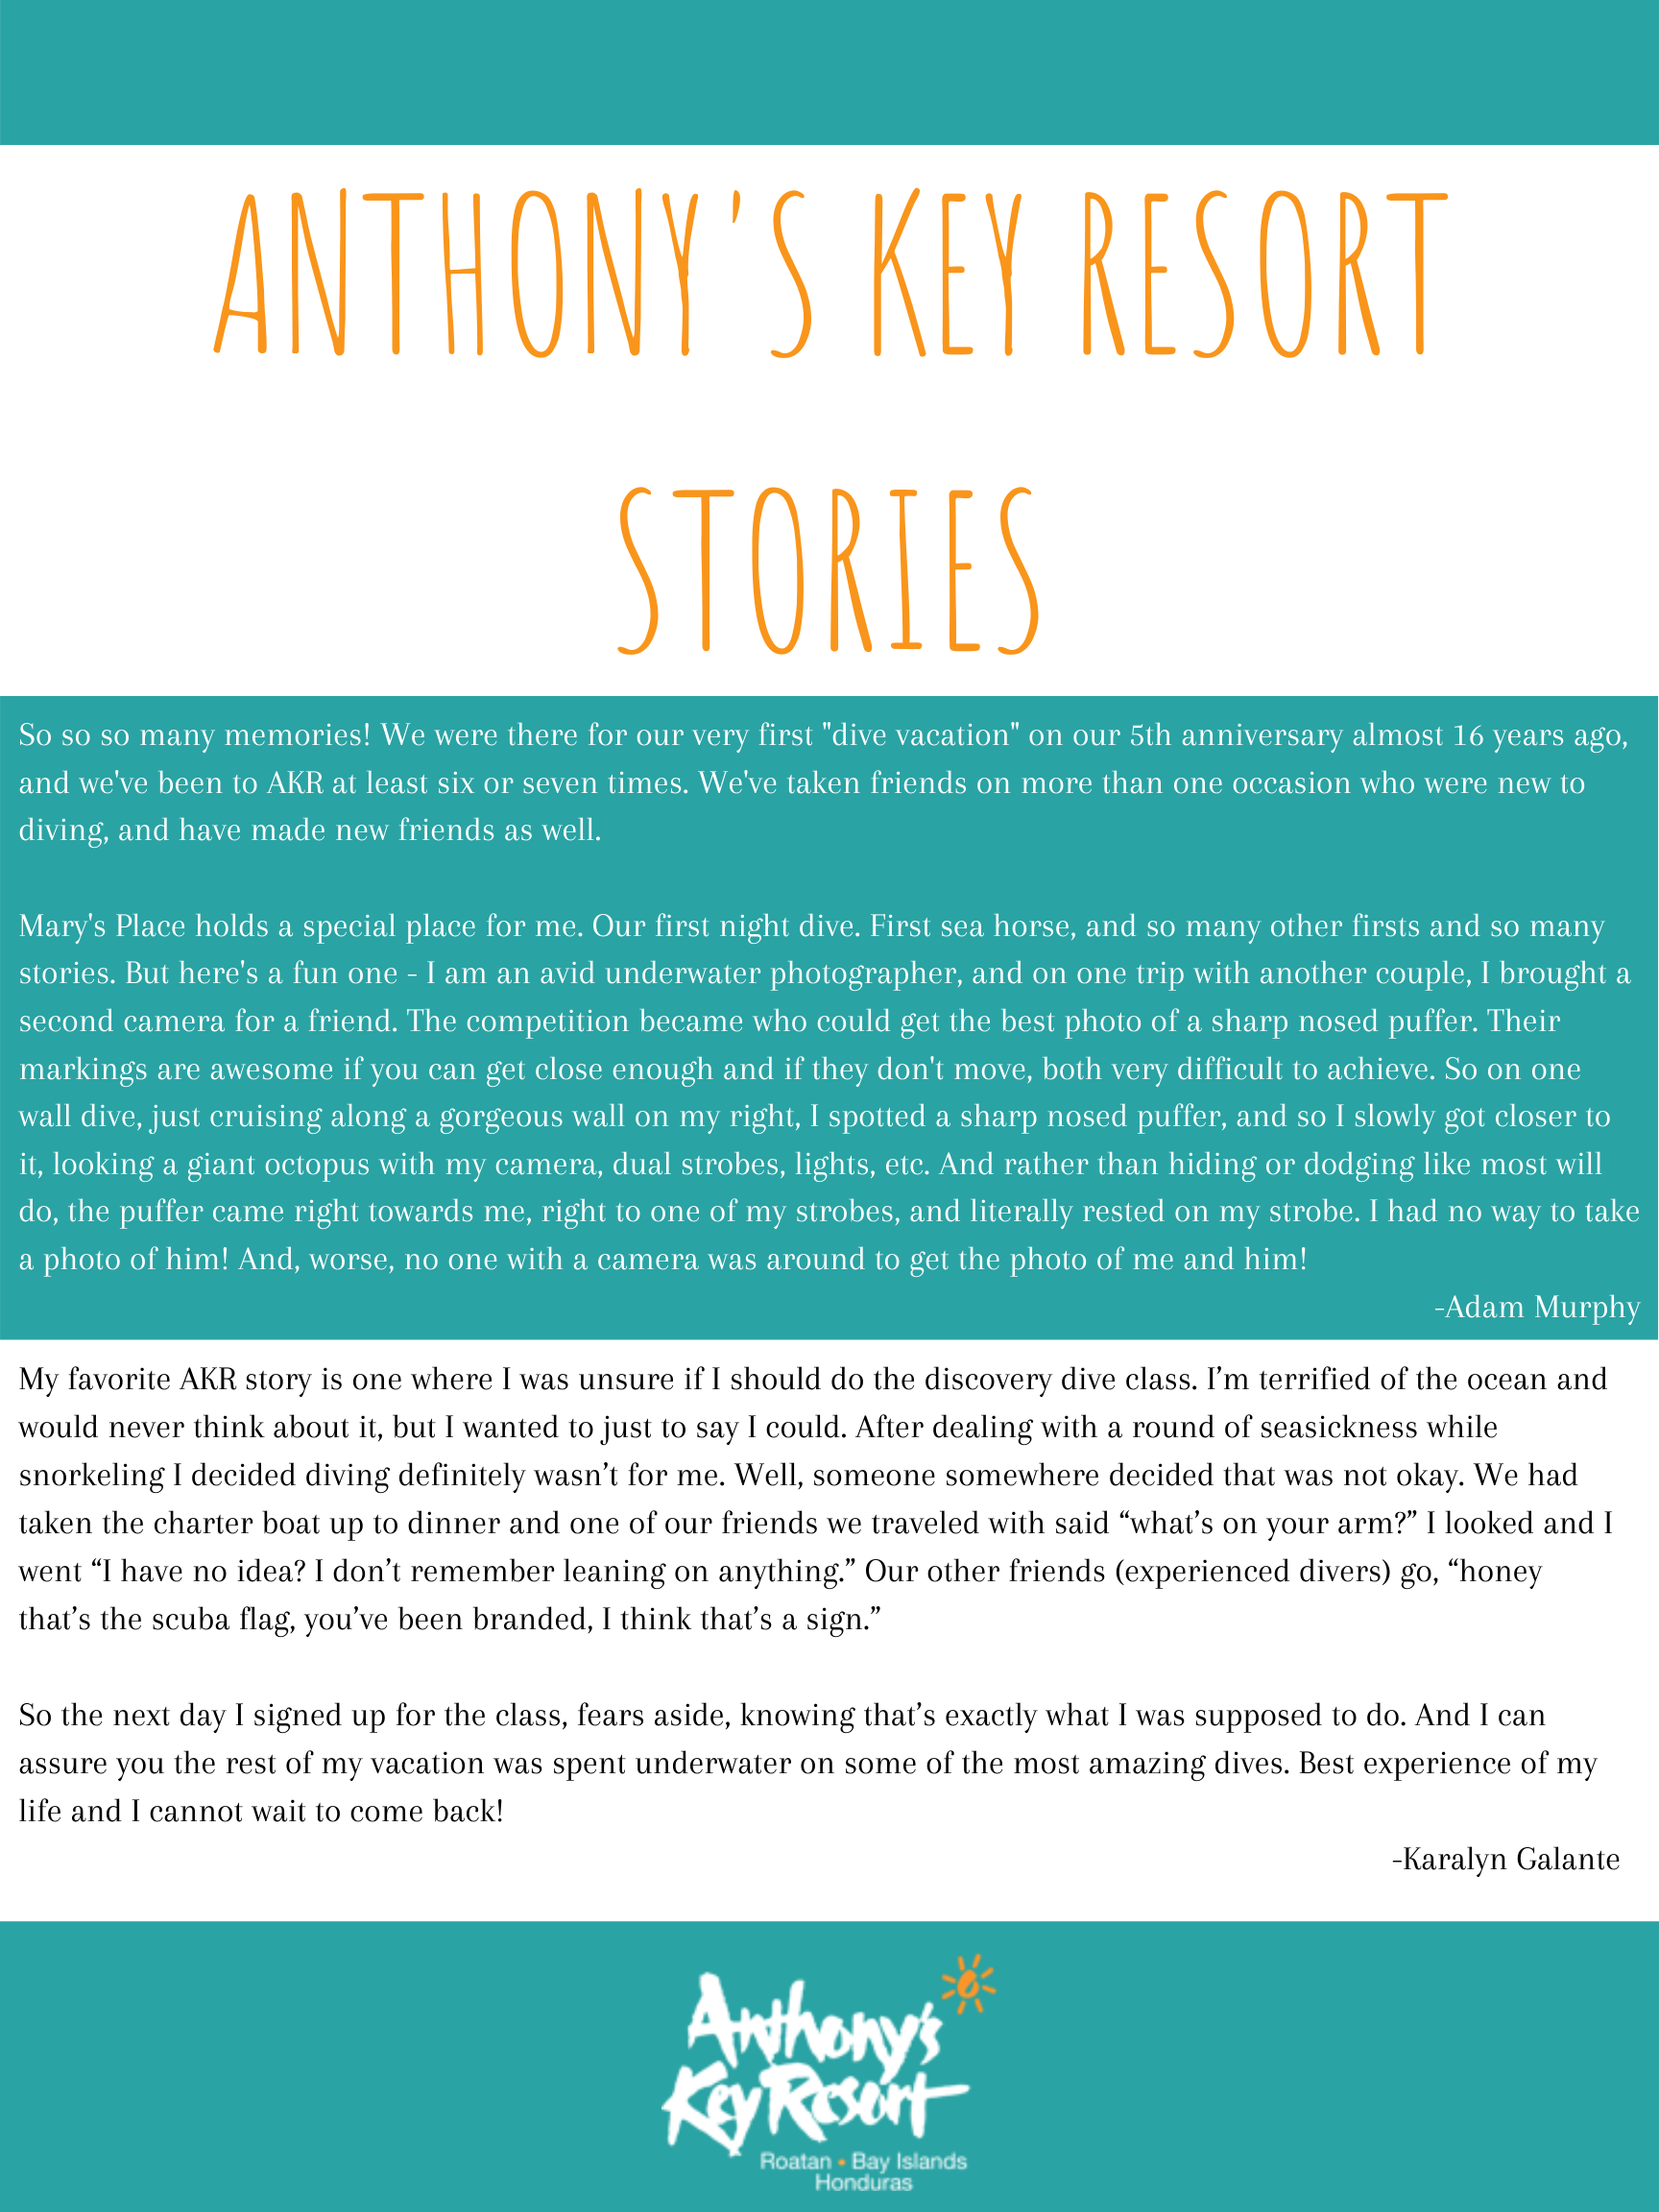 AKR Stories